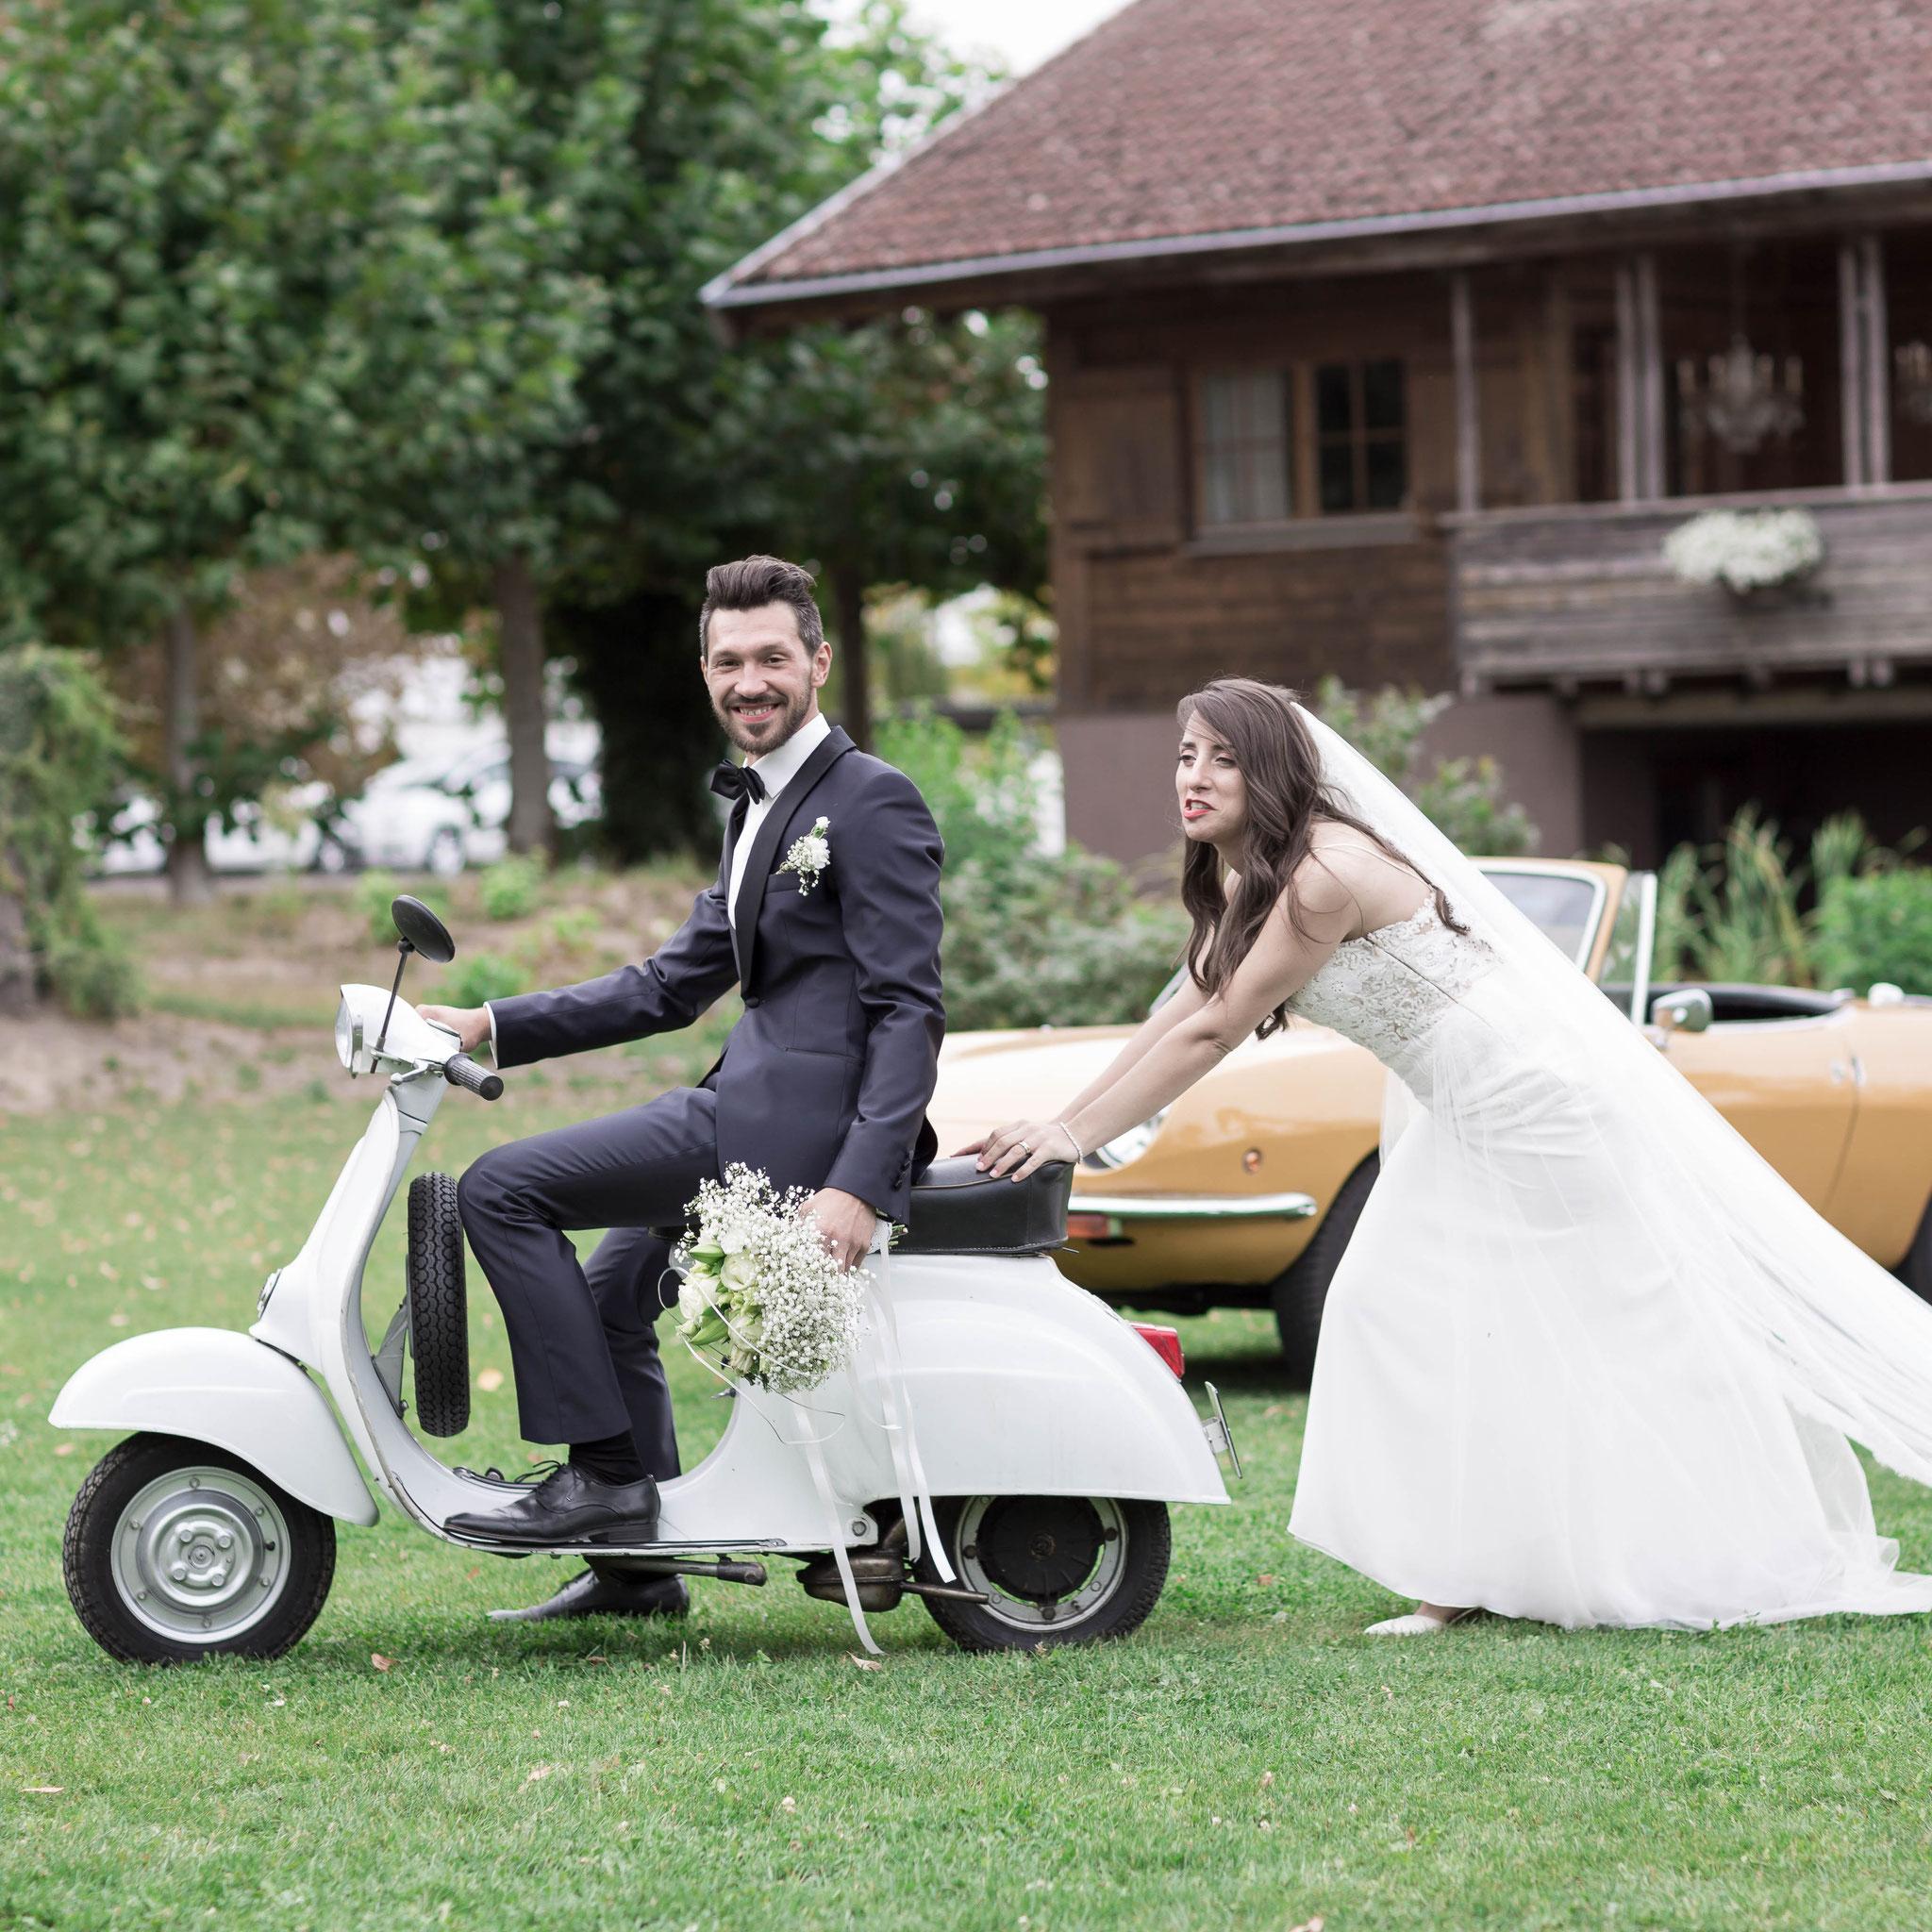 Fotograf für moderne russische Hochzeit in Darmstadt